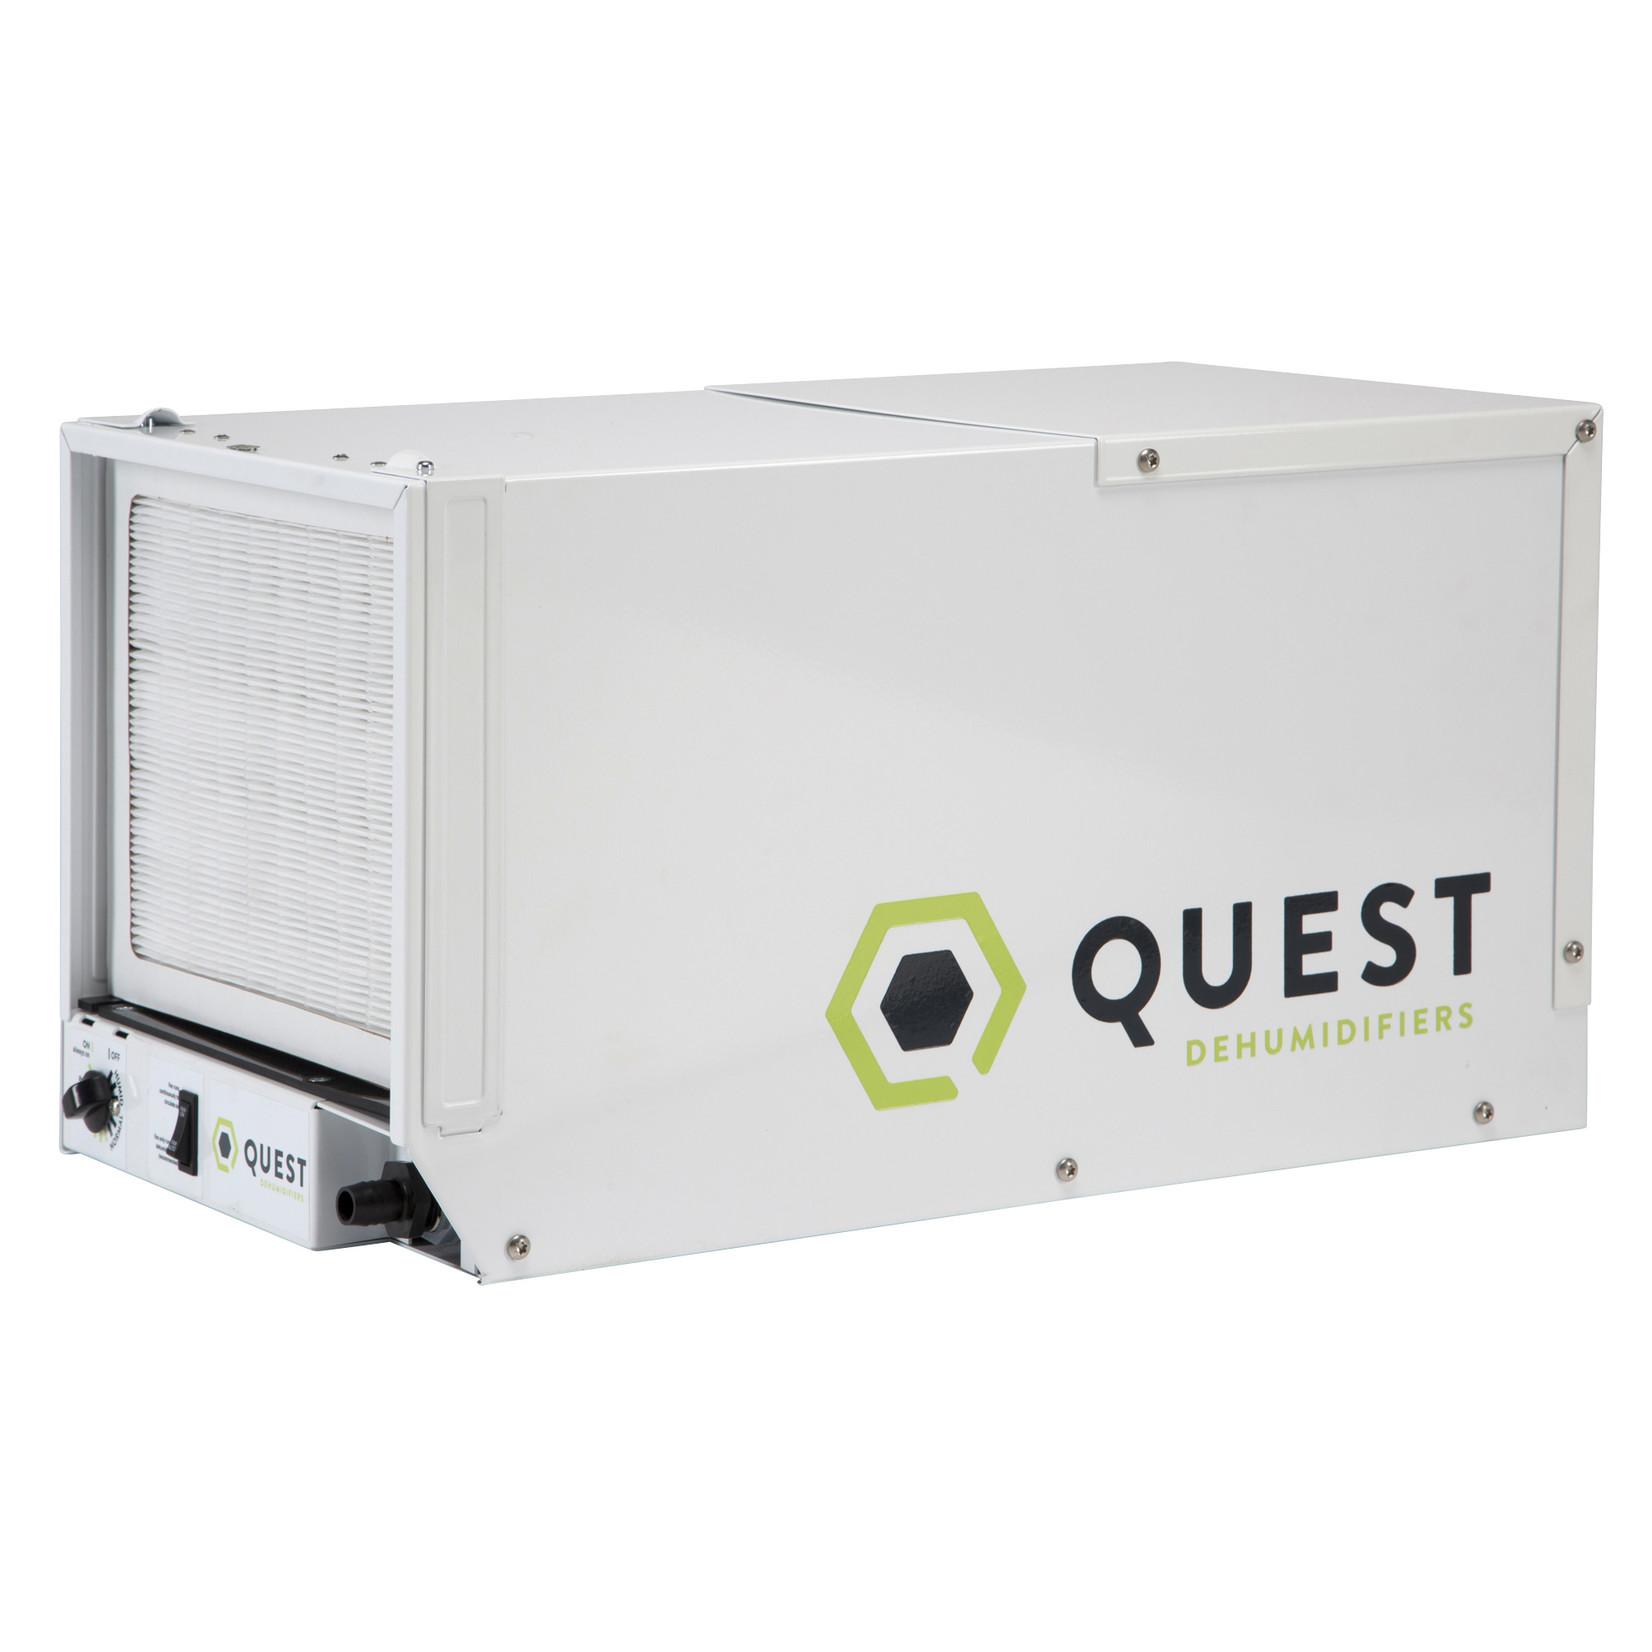 quest QUEST 70 DEHUMIDIFIER  (1)